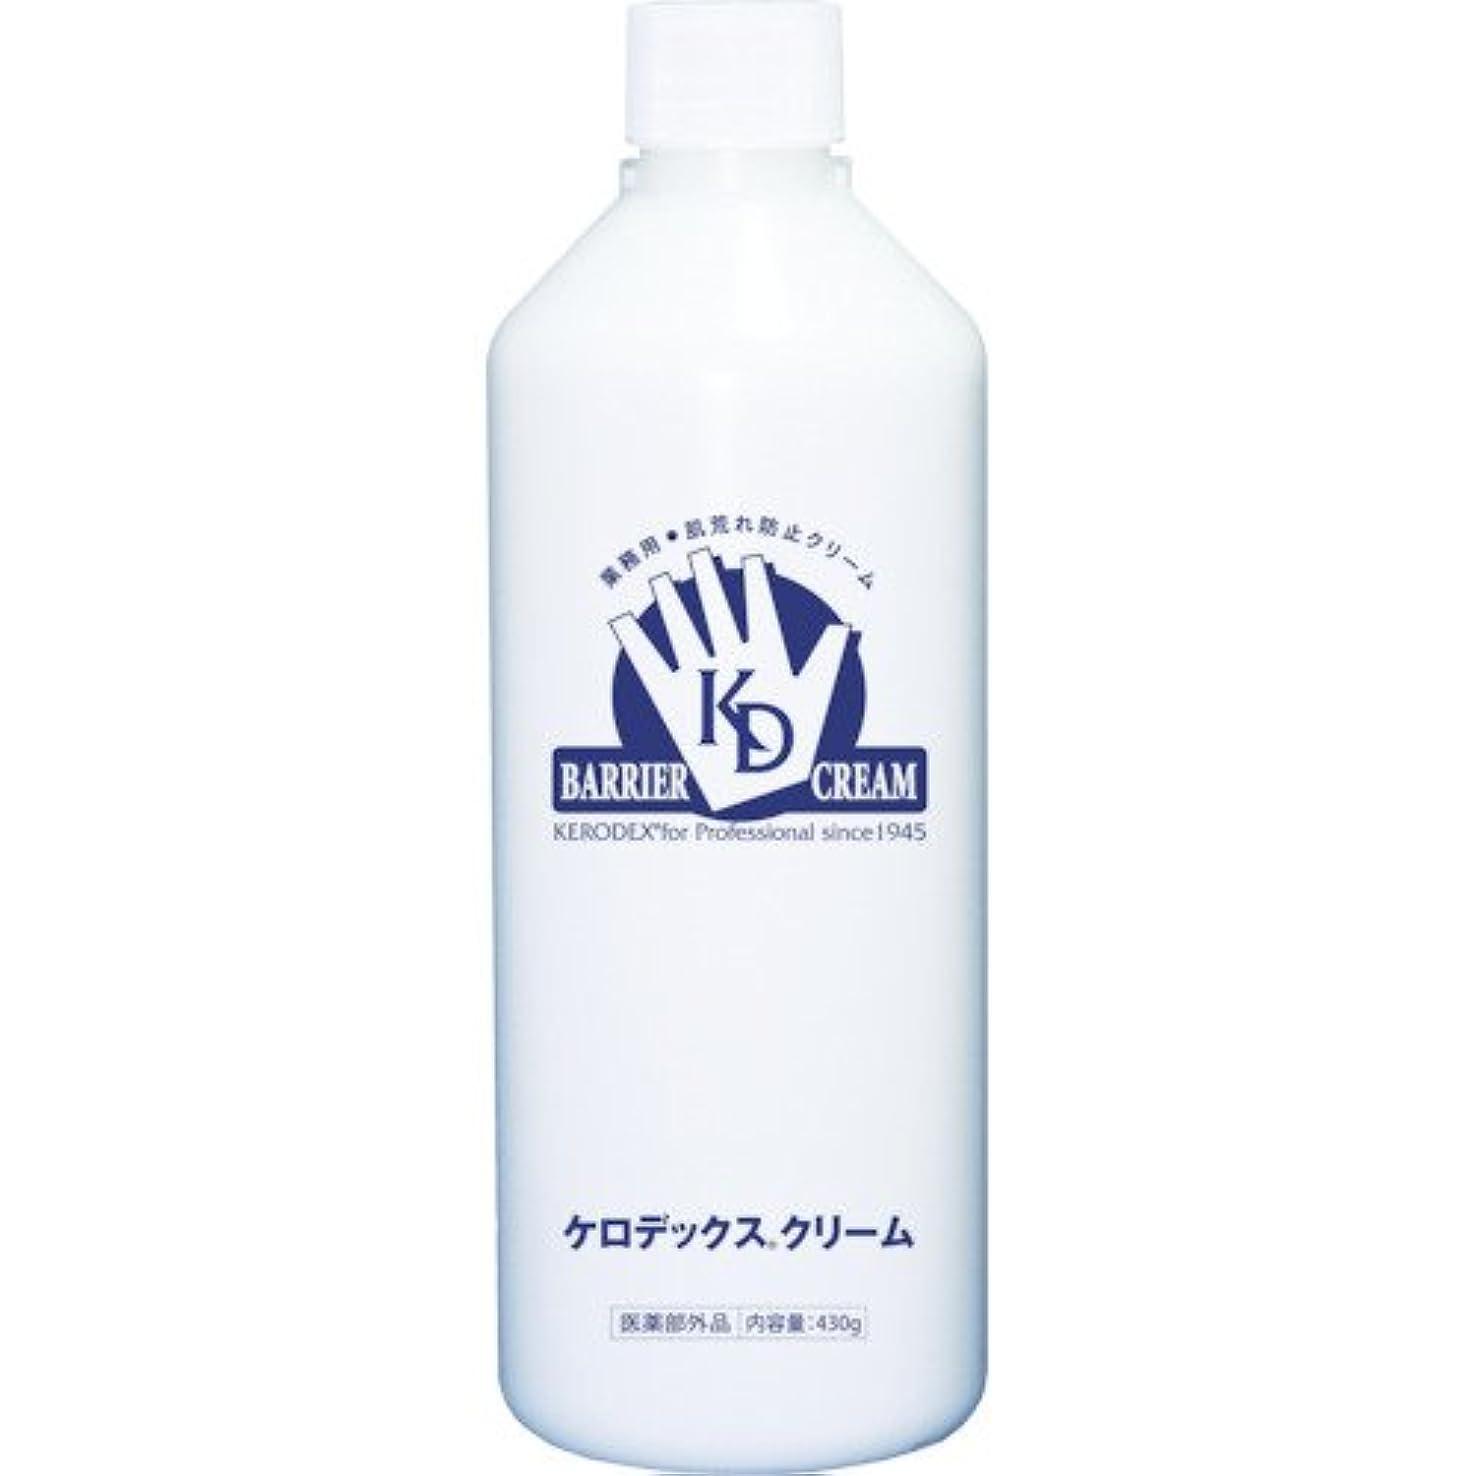 放散する崩壊高架ケロデックスクリーム ボトルタイプ 詰替用 430g